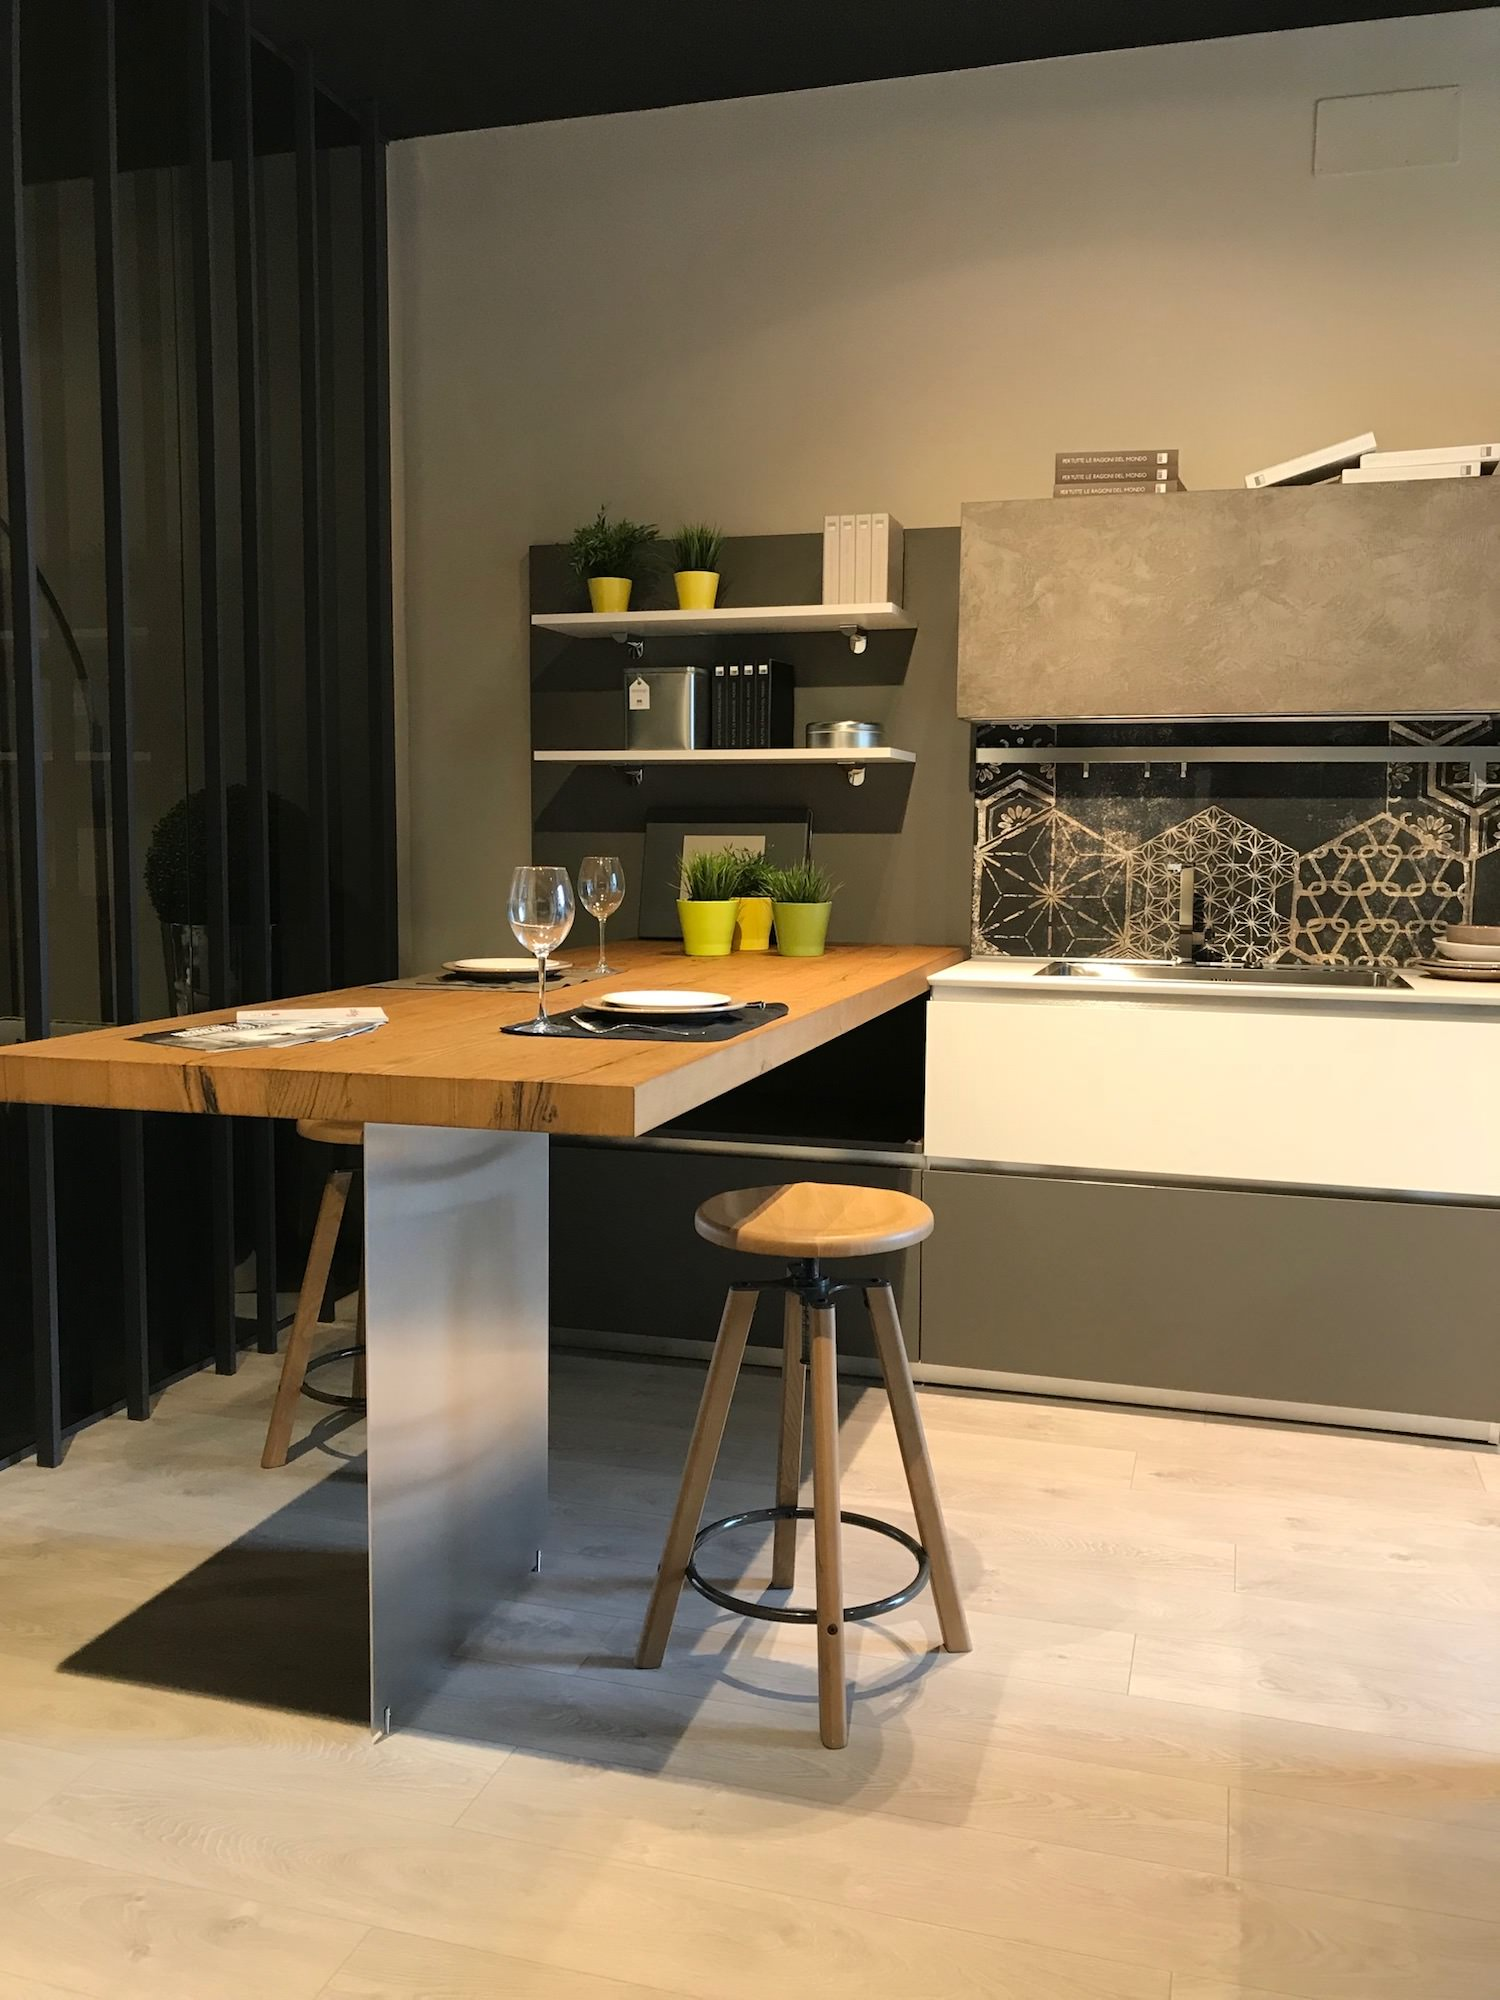 Cucina lube oltre in fenix e malta rafaschieri arredamenti for Cucina oltre lube